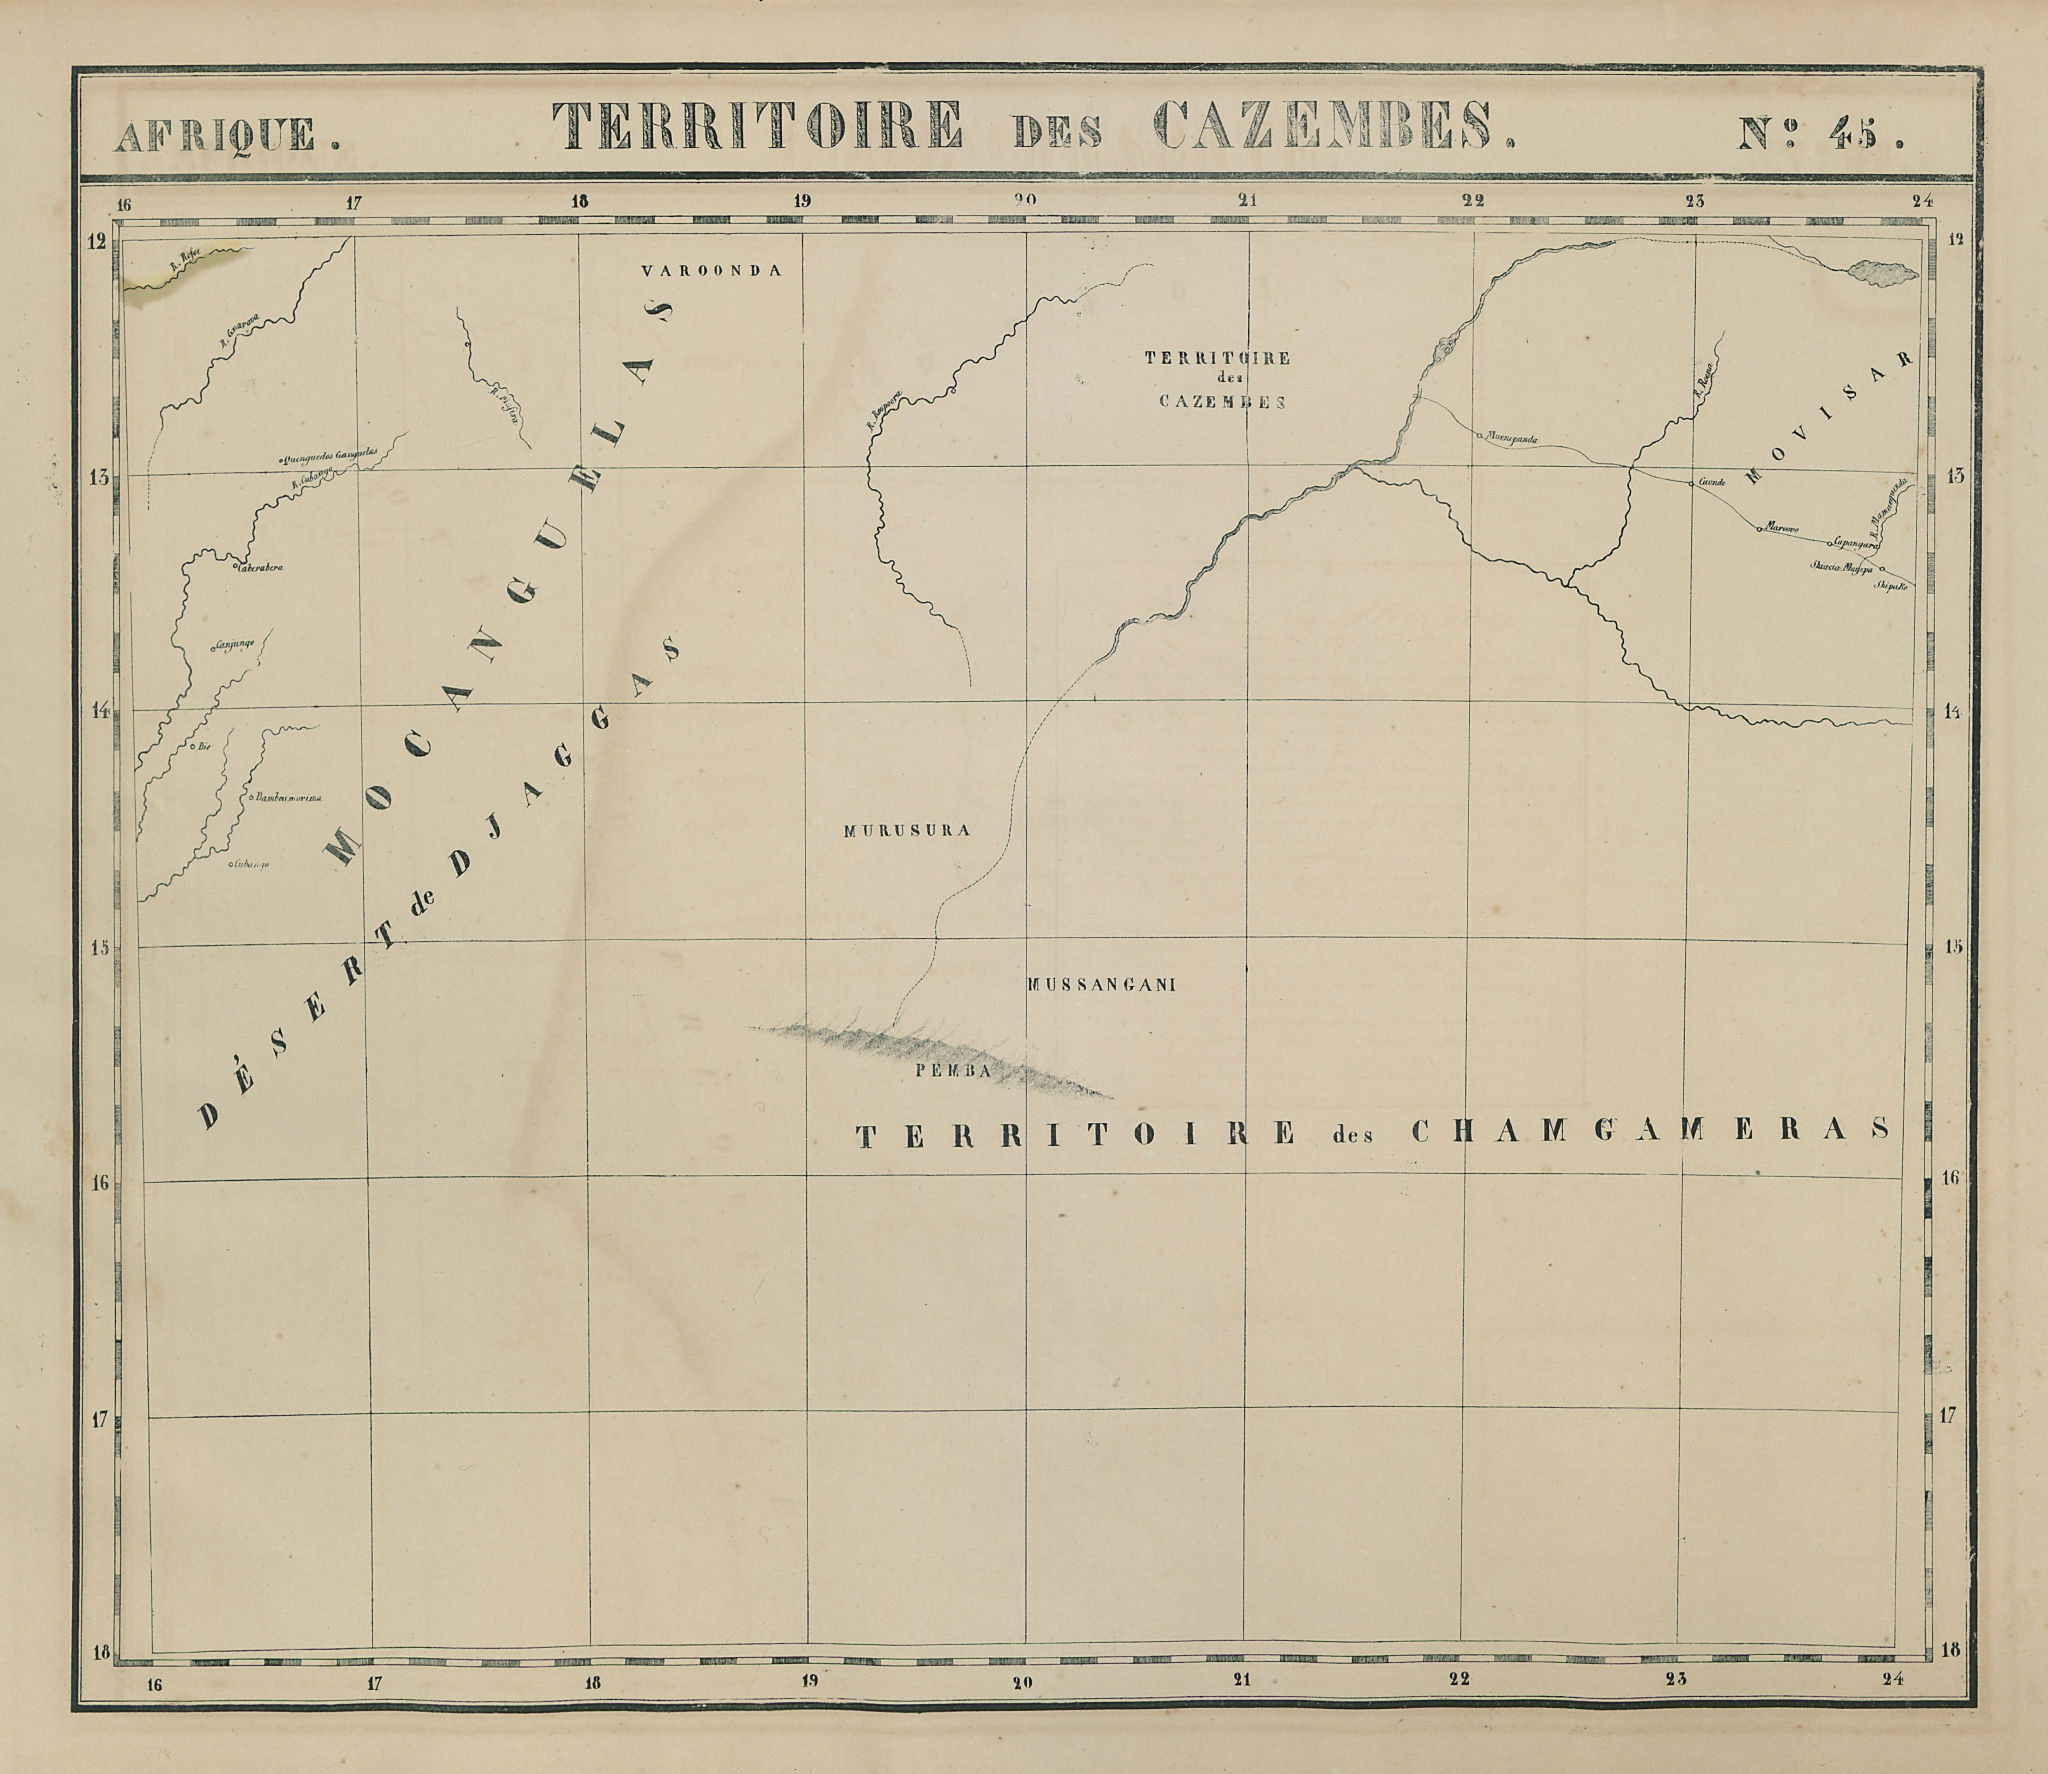 Afrique. Territoire des Cazembes #45 SE Angola West Zambia VANDERMAELEN 1827 map